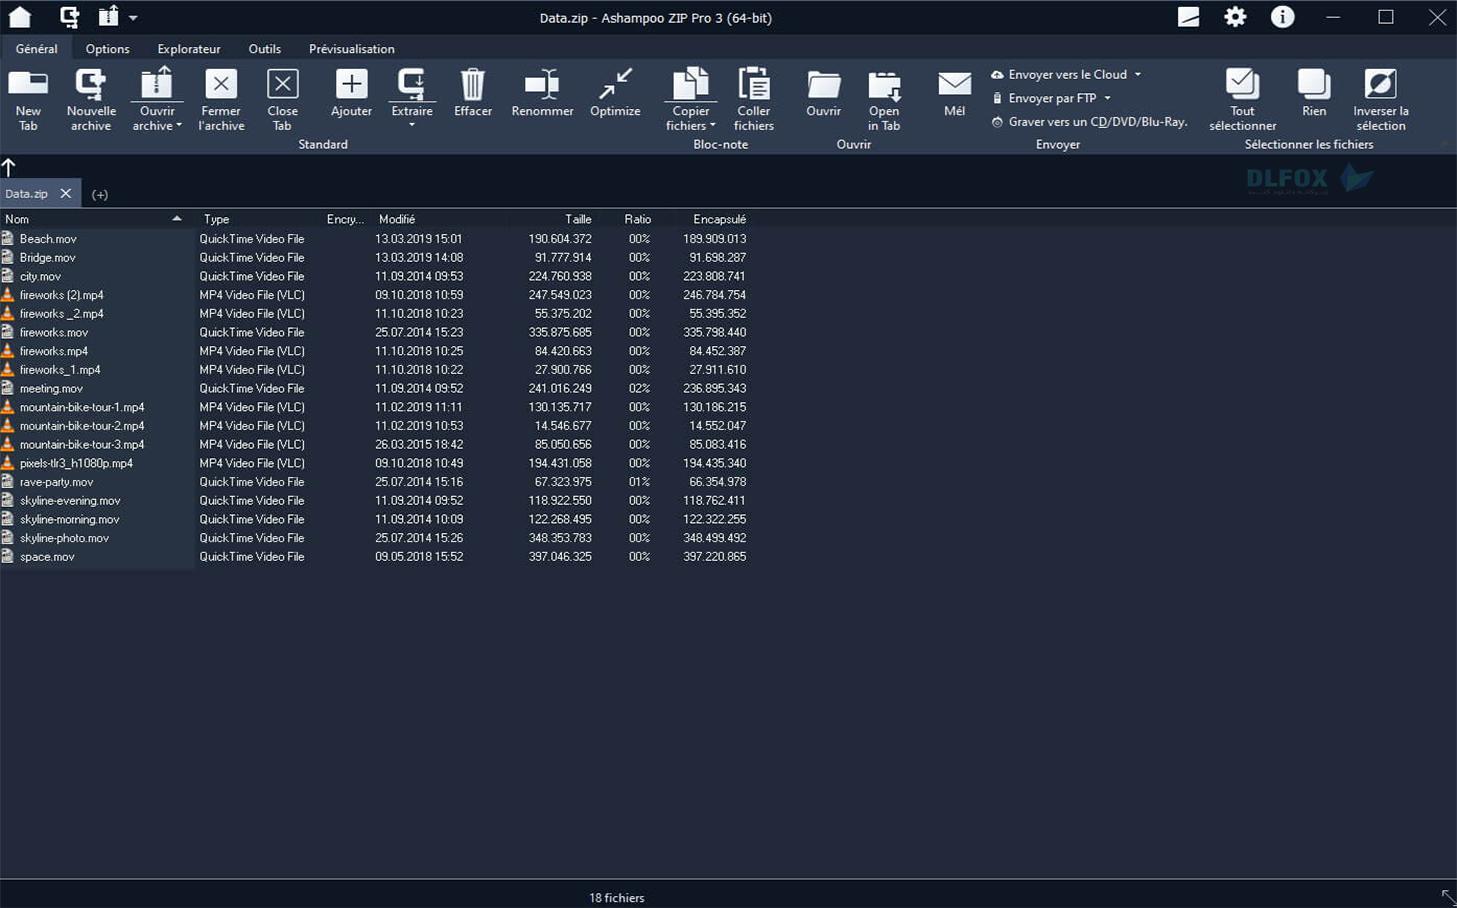 دانلود نسخه نهایی نرم افزار Ashampoo ZIP برای PC